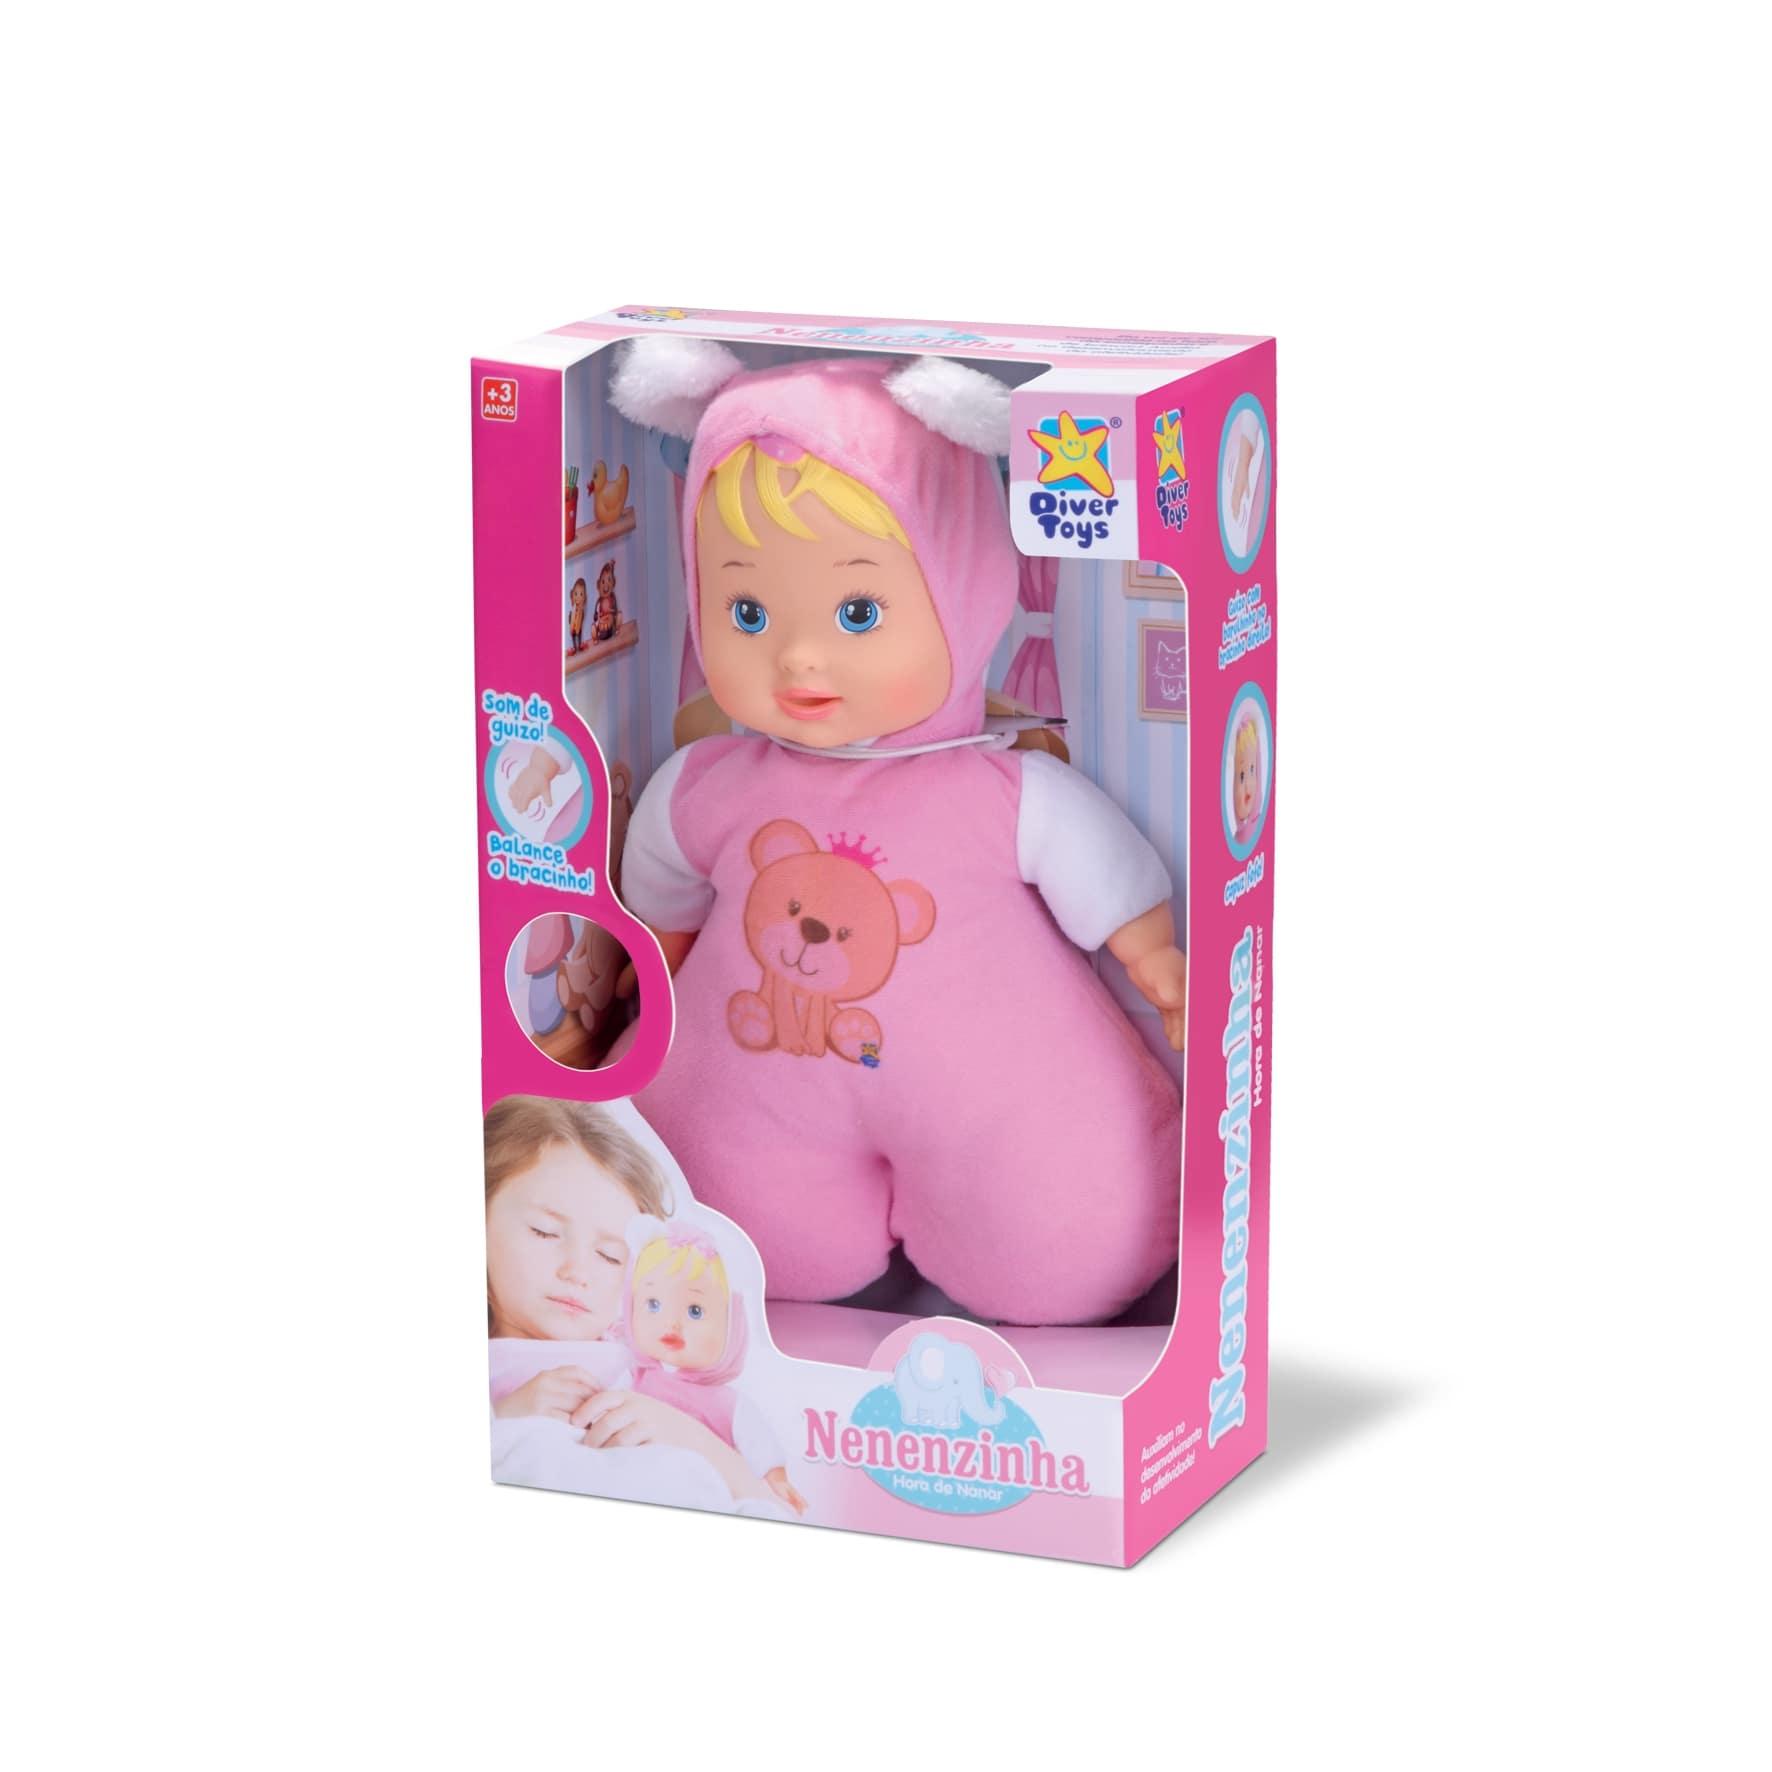 Boneca Nenenzinha Hora De Nanar 8007 Diver Toys